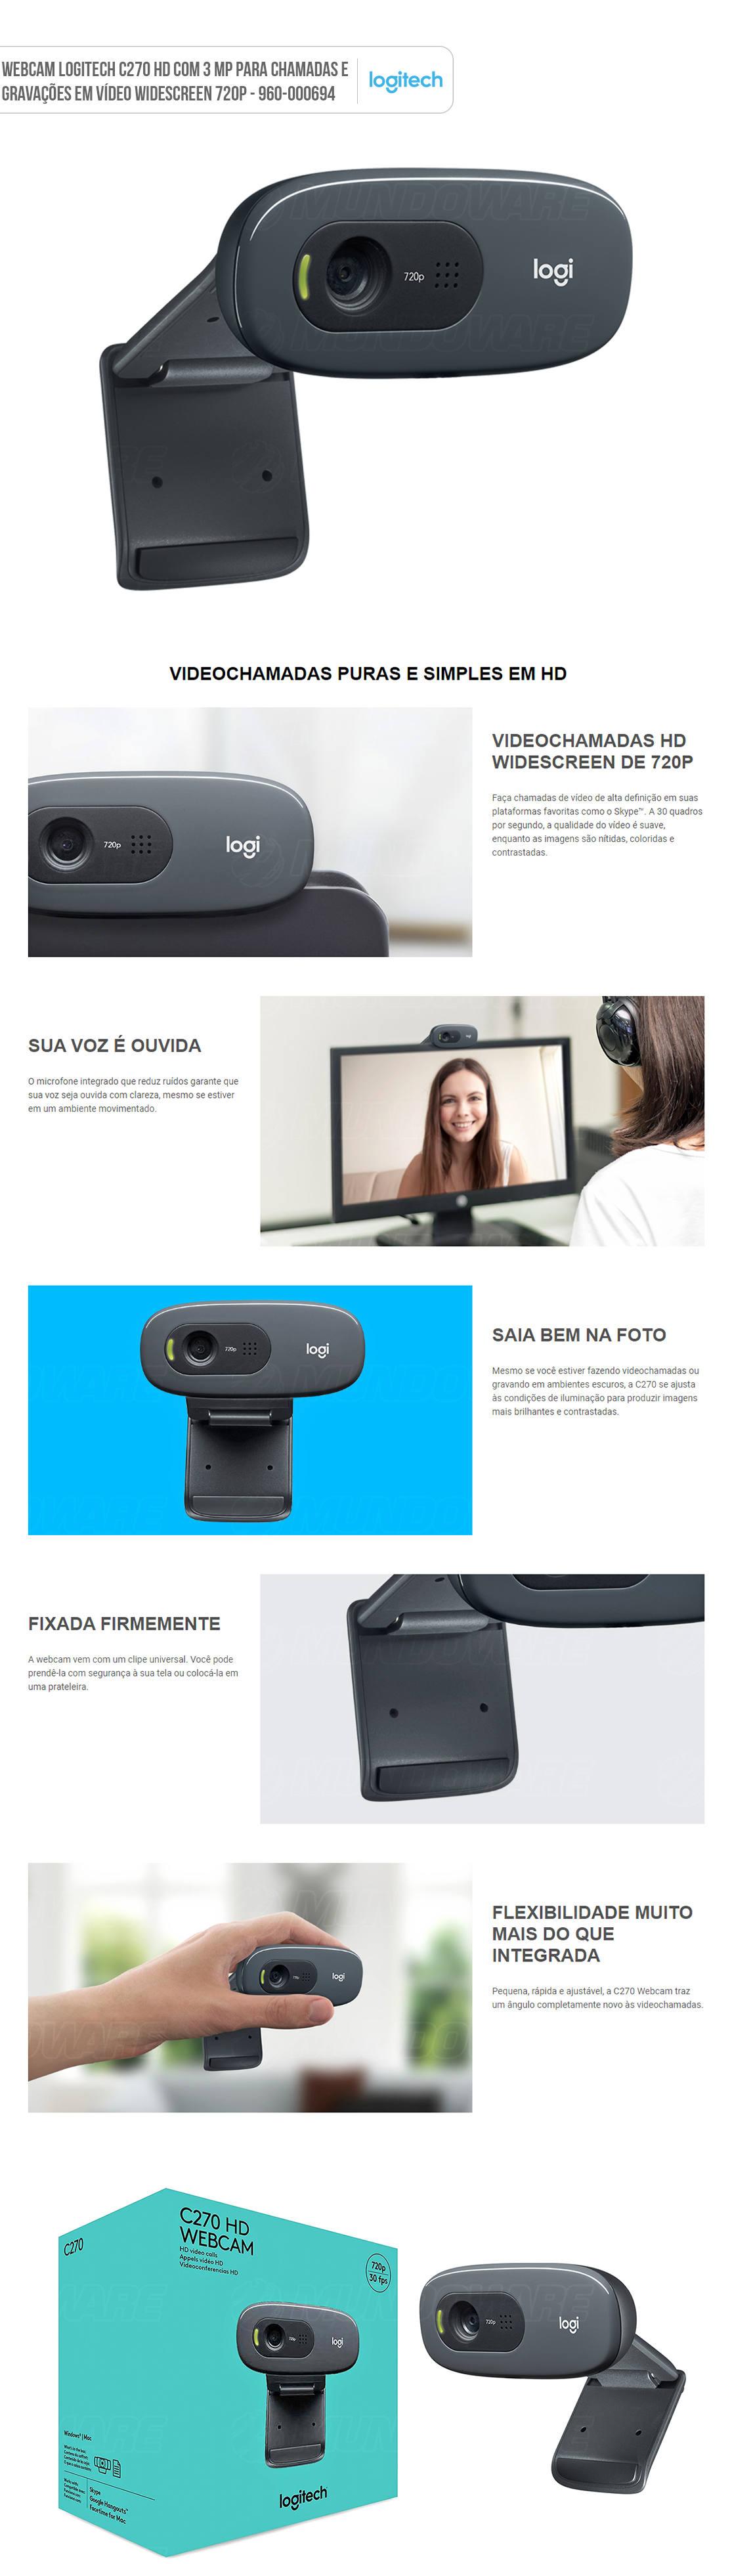 WebCam Logitech C270 HD 3 MP para Chamadas e Gravações em Vídeo Widescreen 720p com Microfone Embutido 960-000694